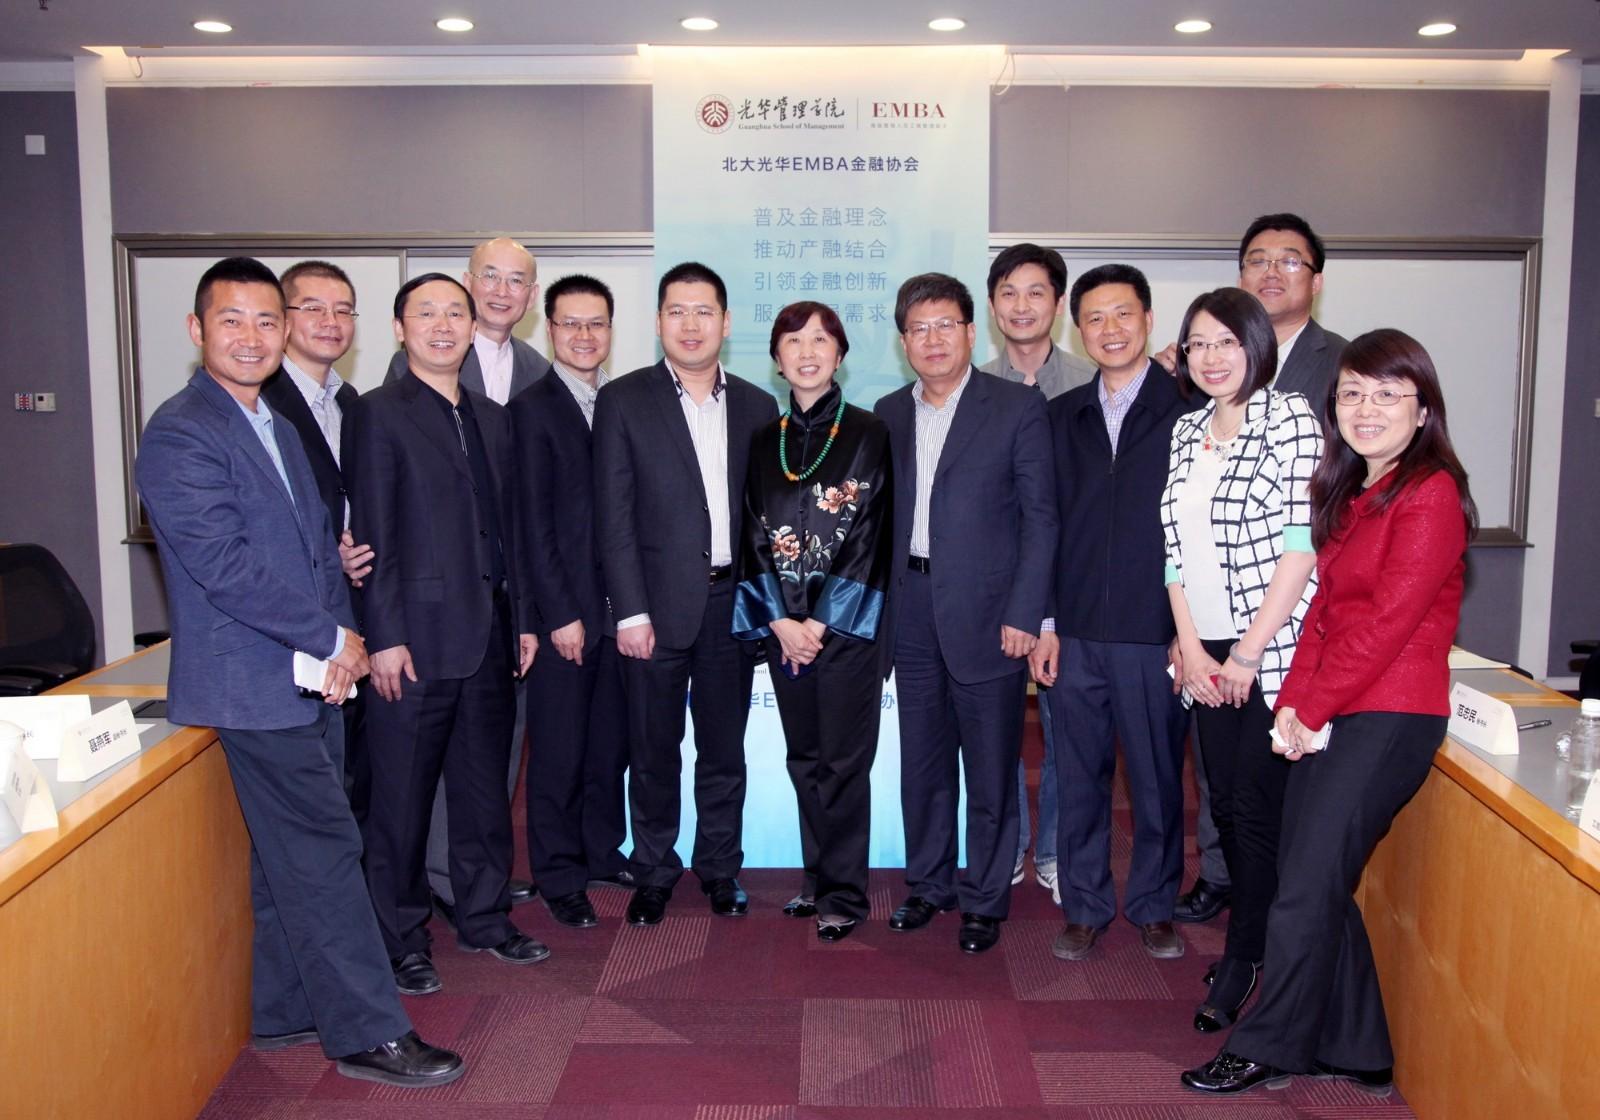 北京大学光华管理学院EMBA金融协会-